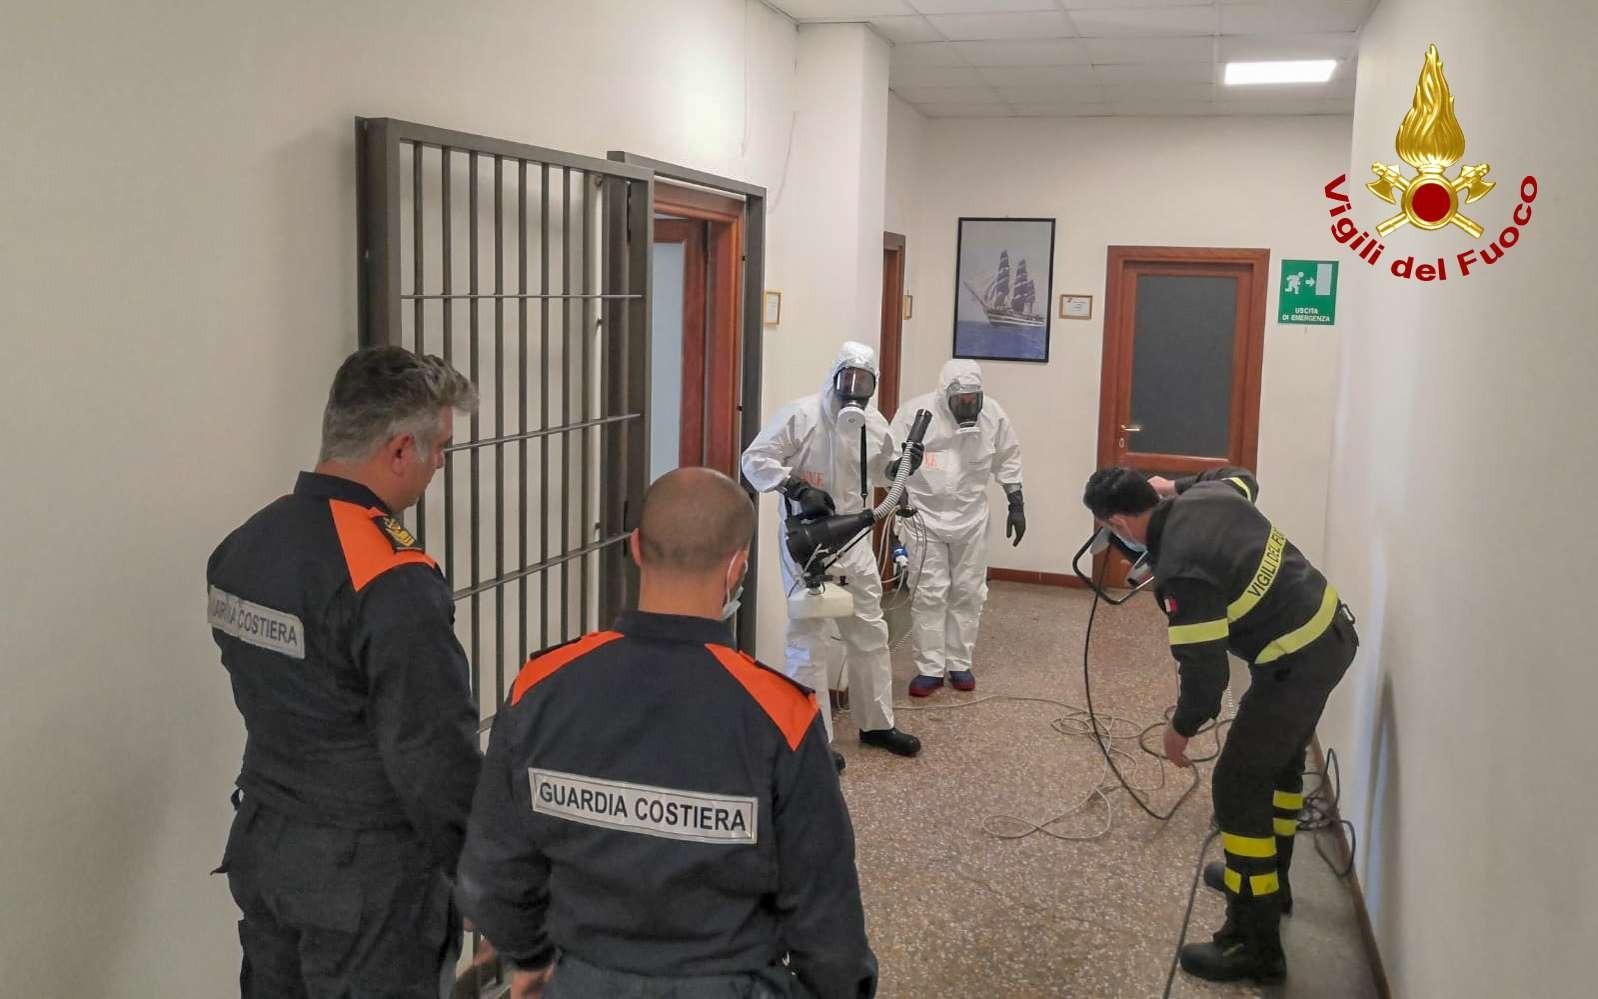 Cagliari: Vigili del fuoco in azione per sanificare la ...